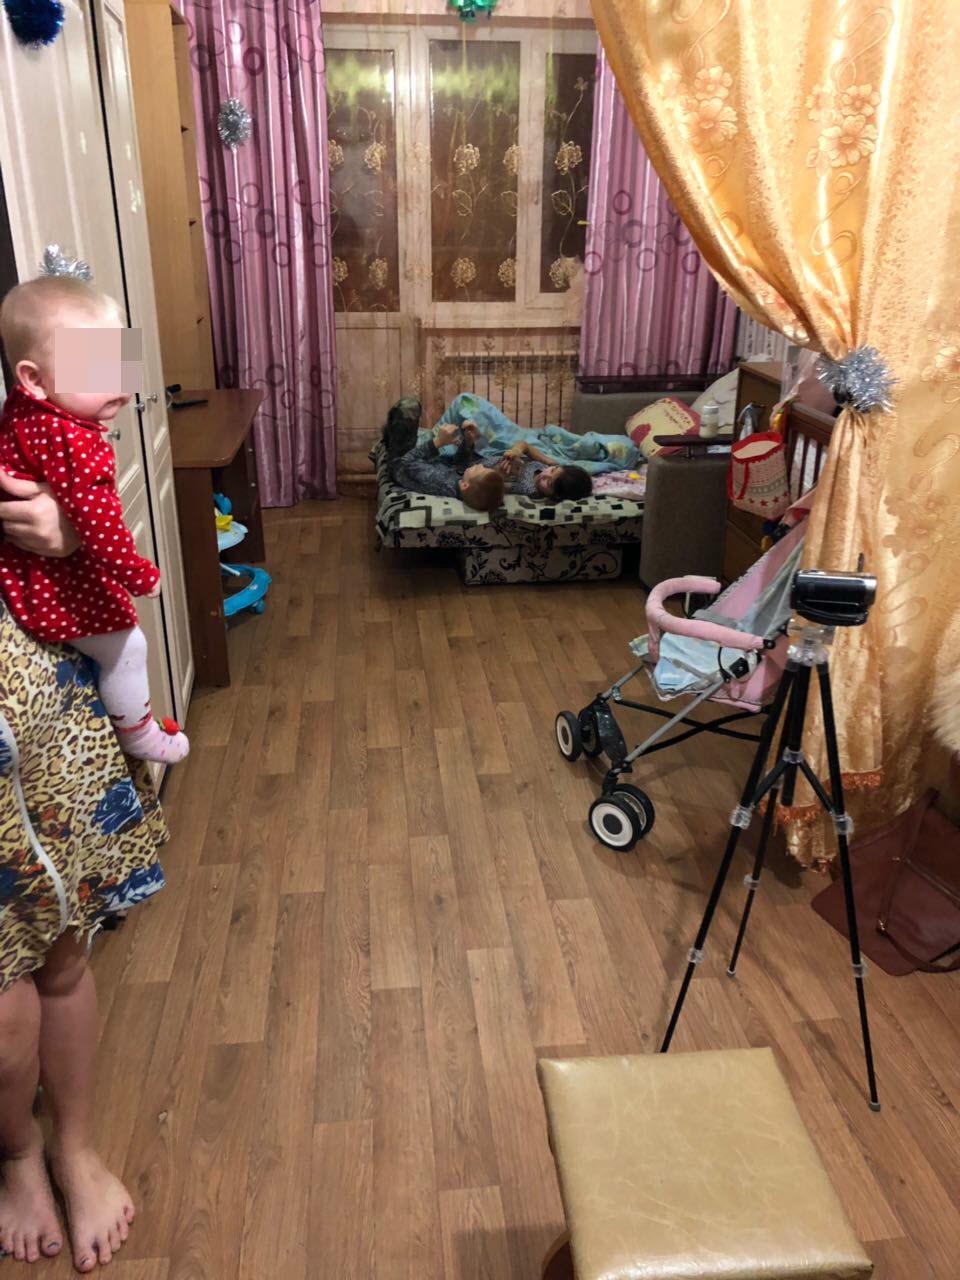 22-1 В Якутске женщина с четырьмя детьми оказалась под угрозой выселения после смерти мужа